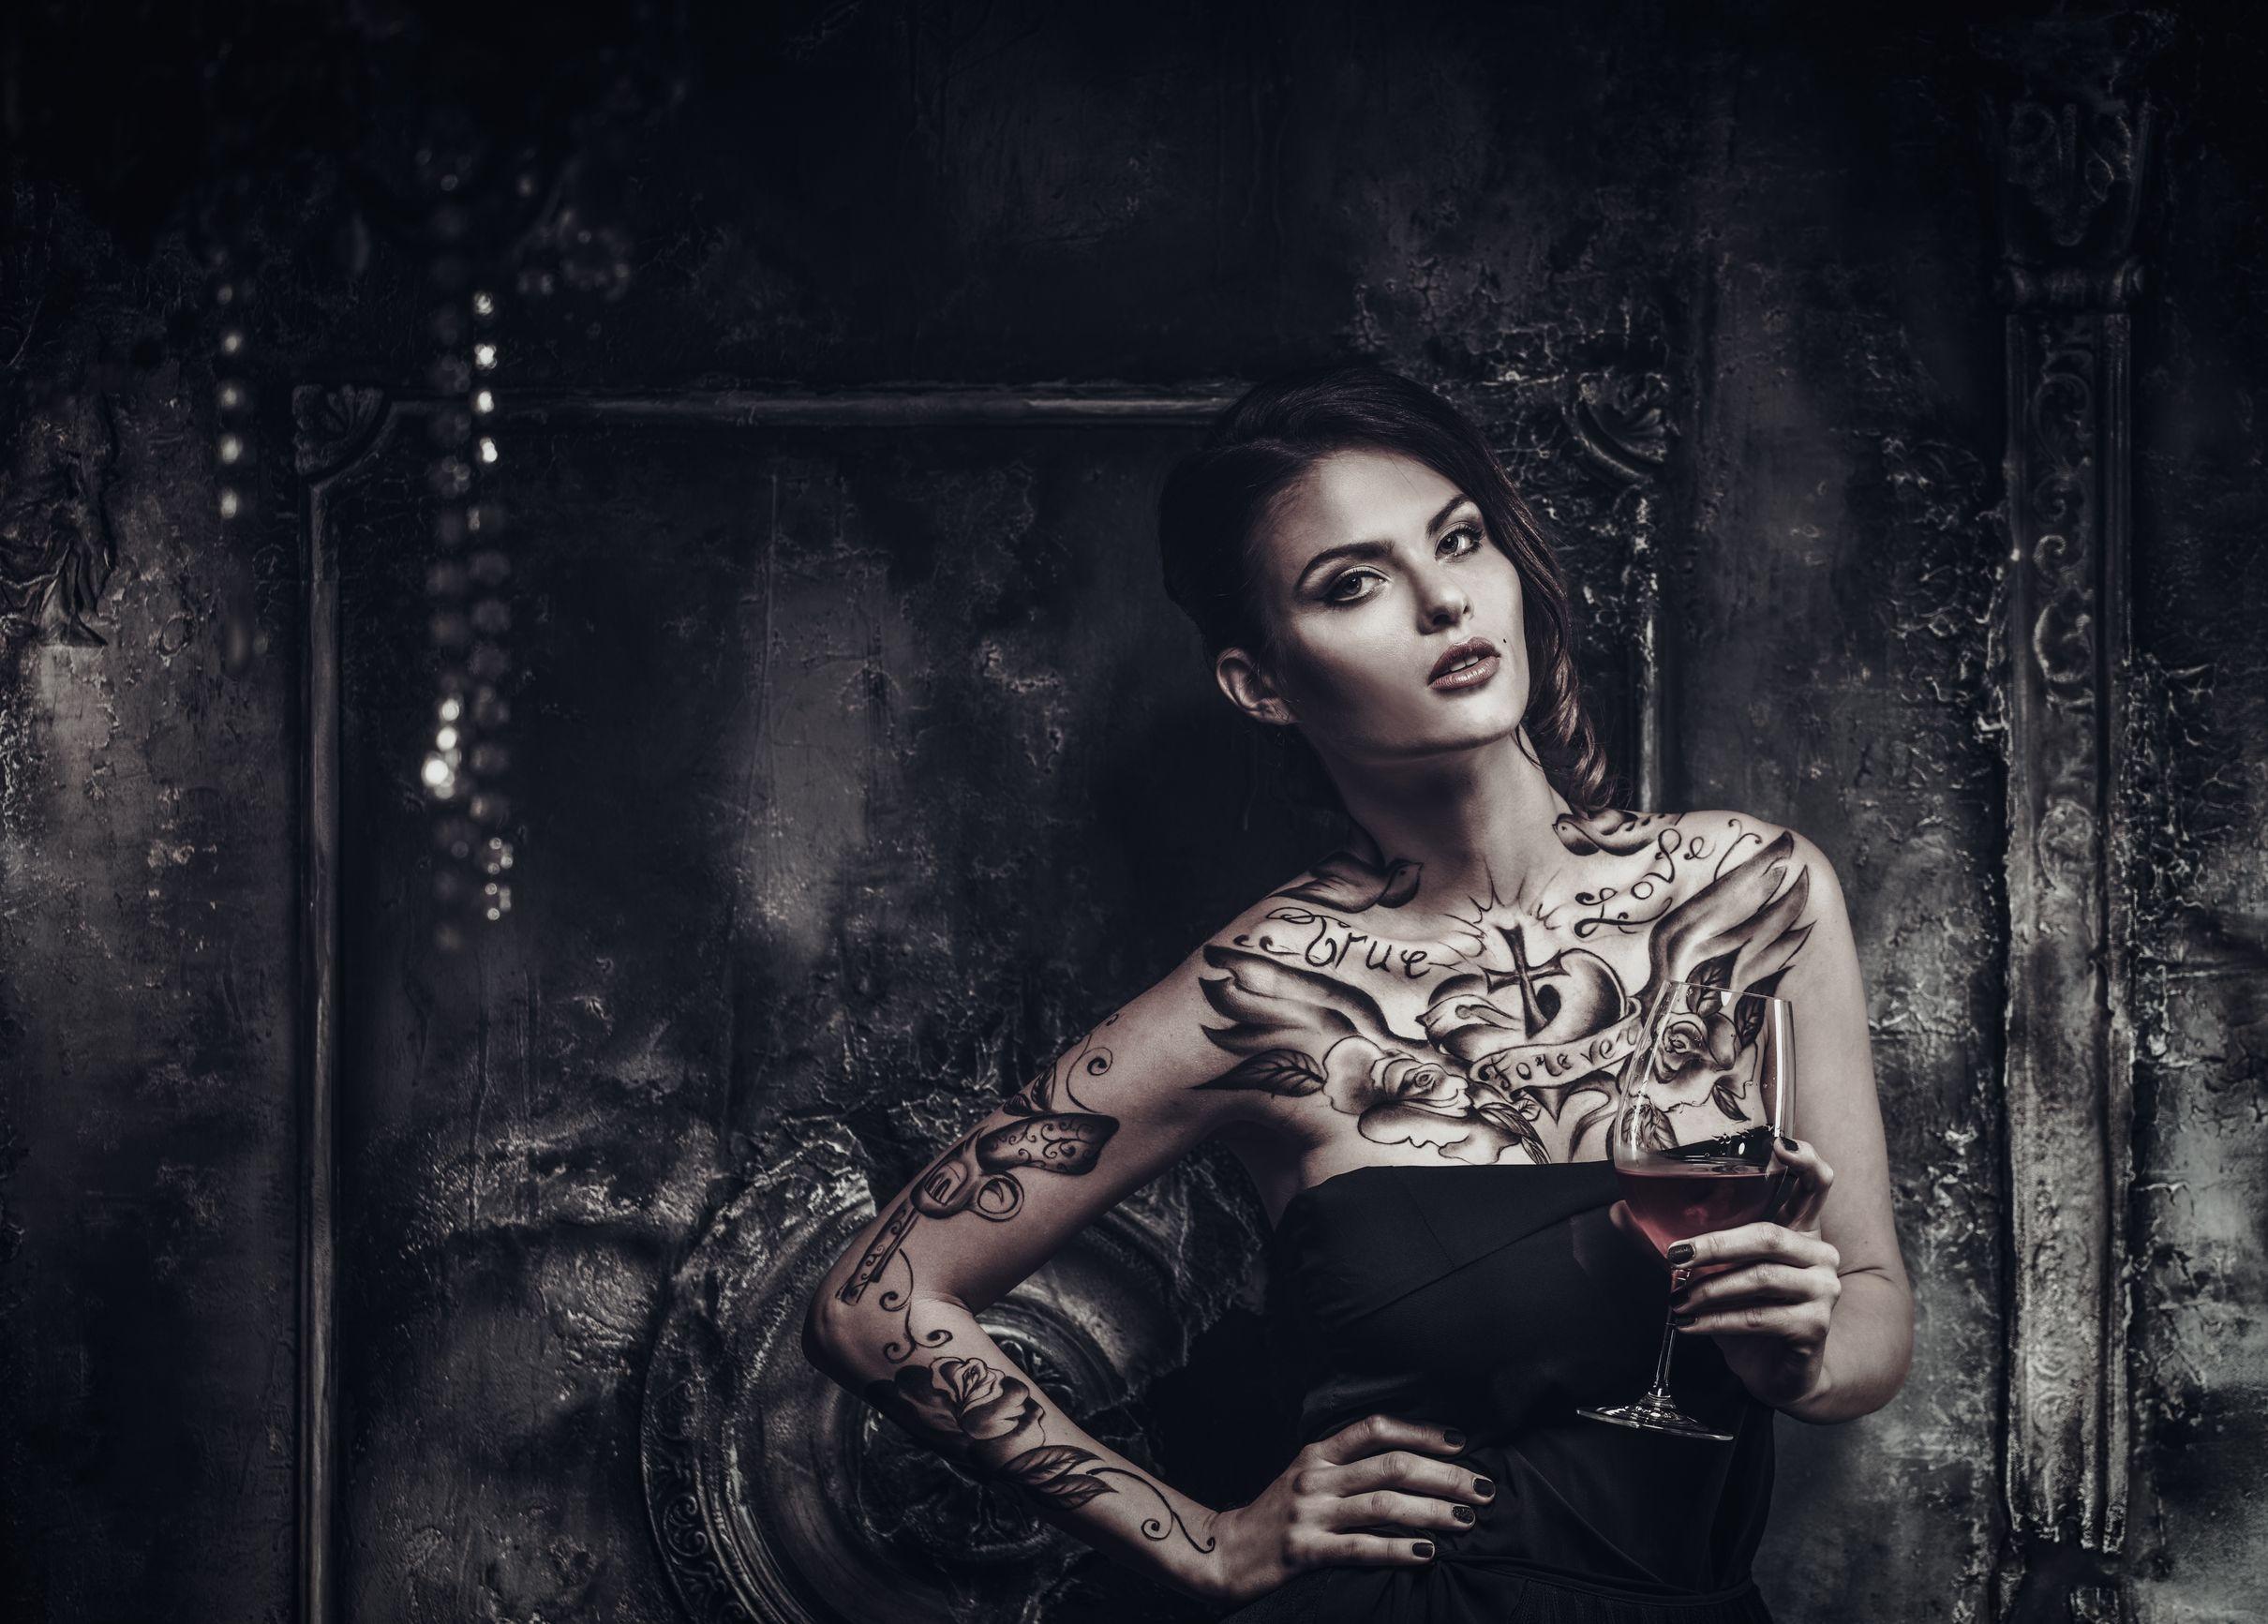 tattood woman